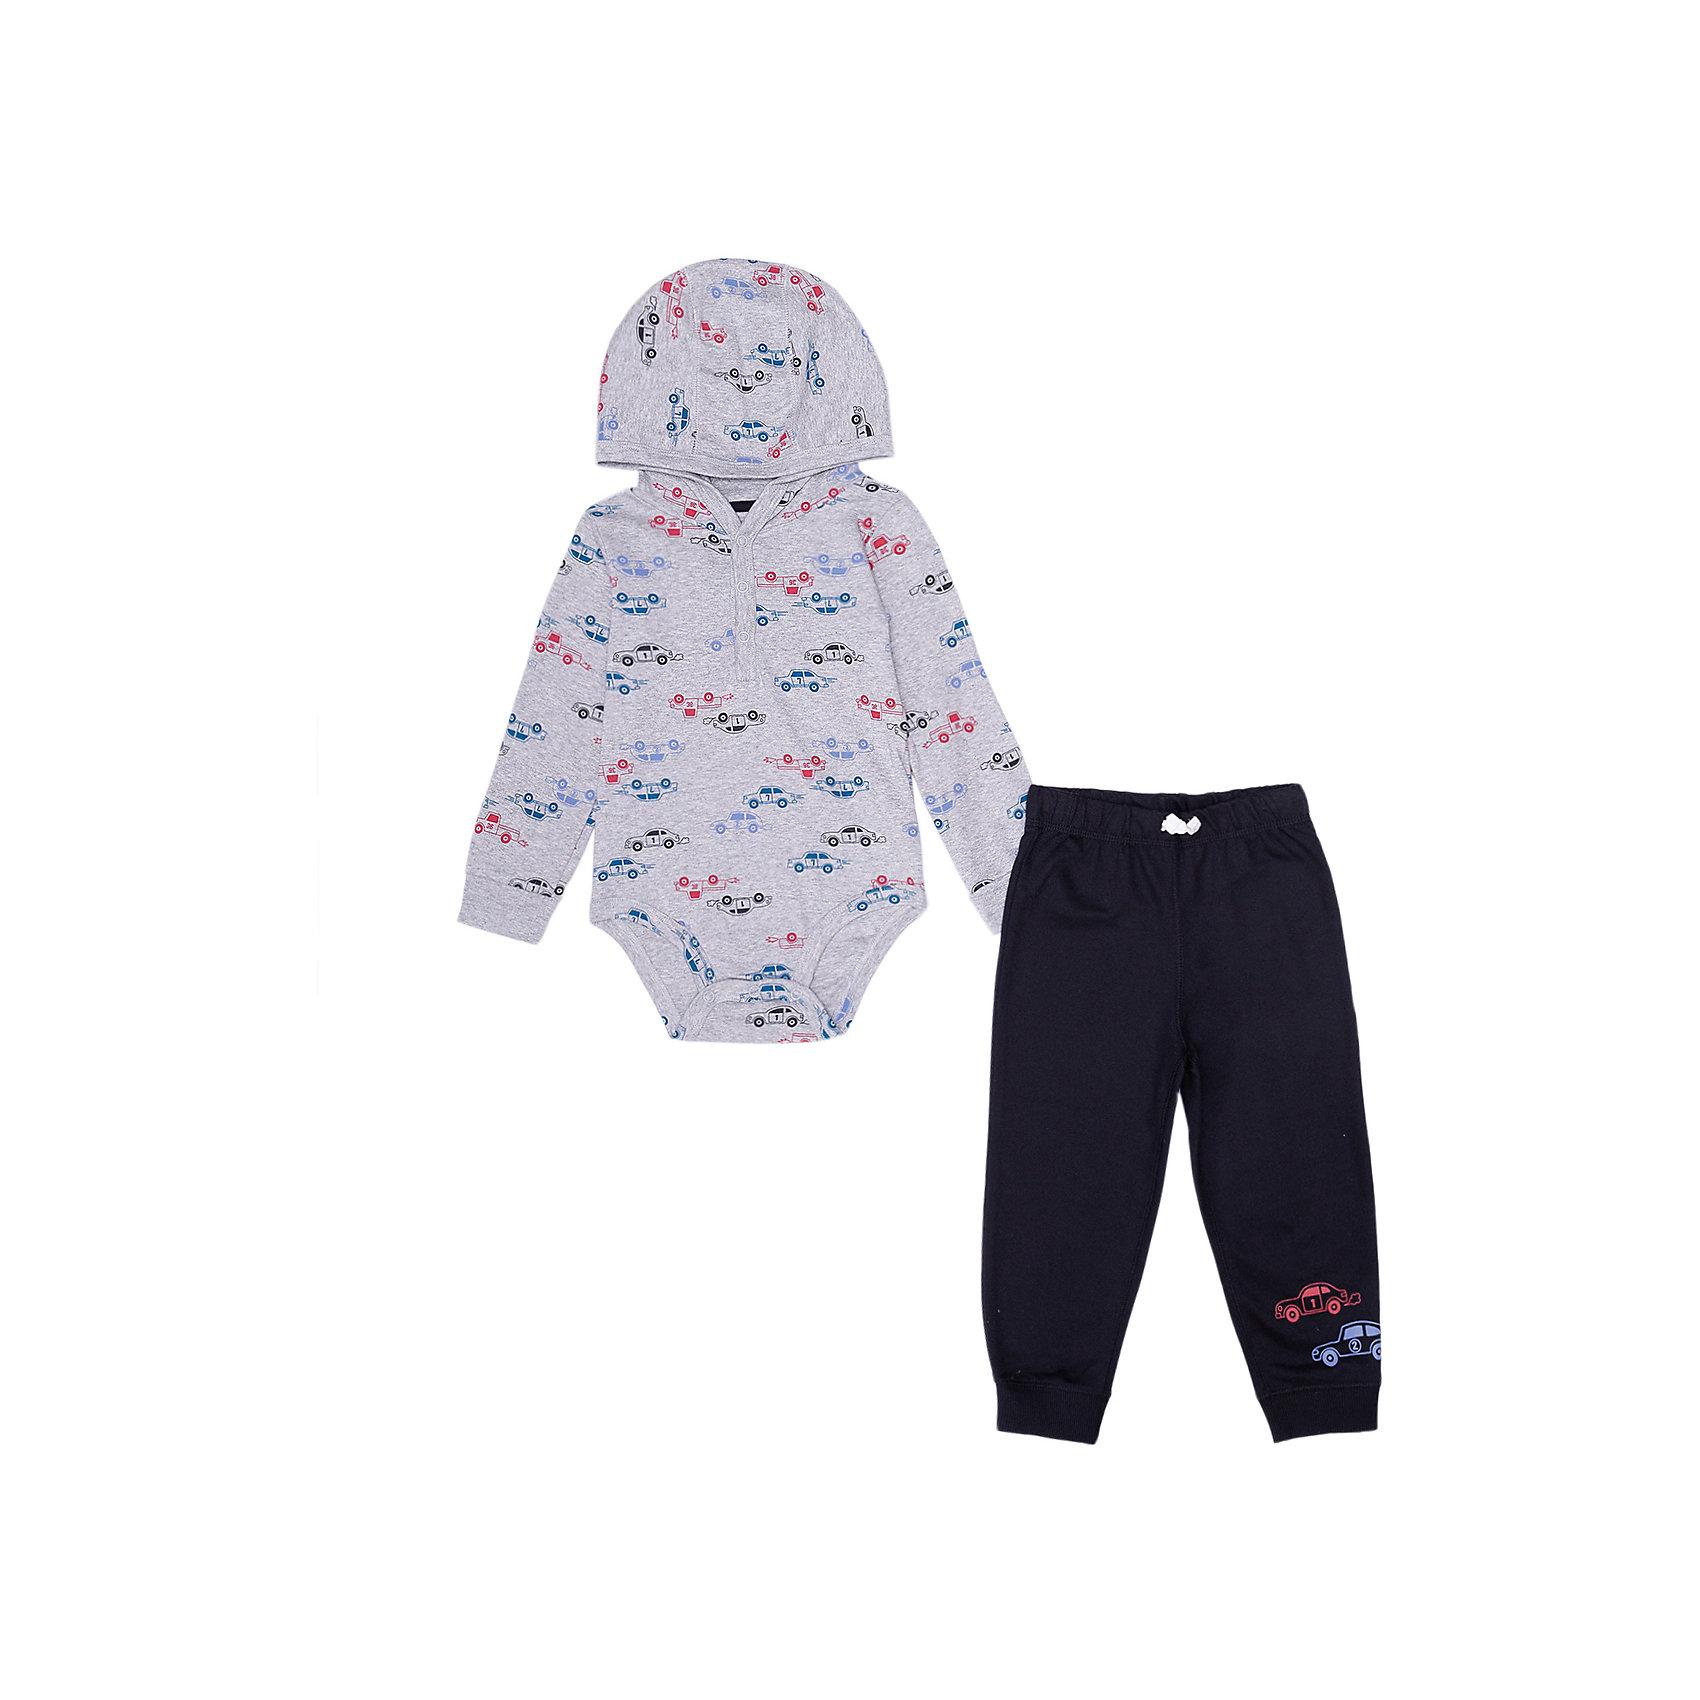 Комплект для новорожденного carter's Carter`s 13053023